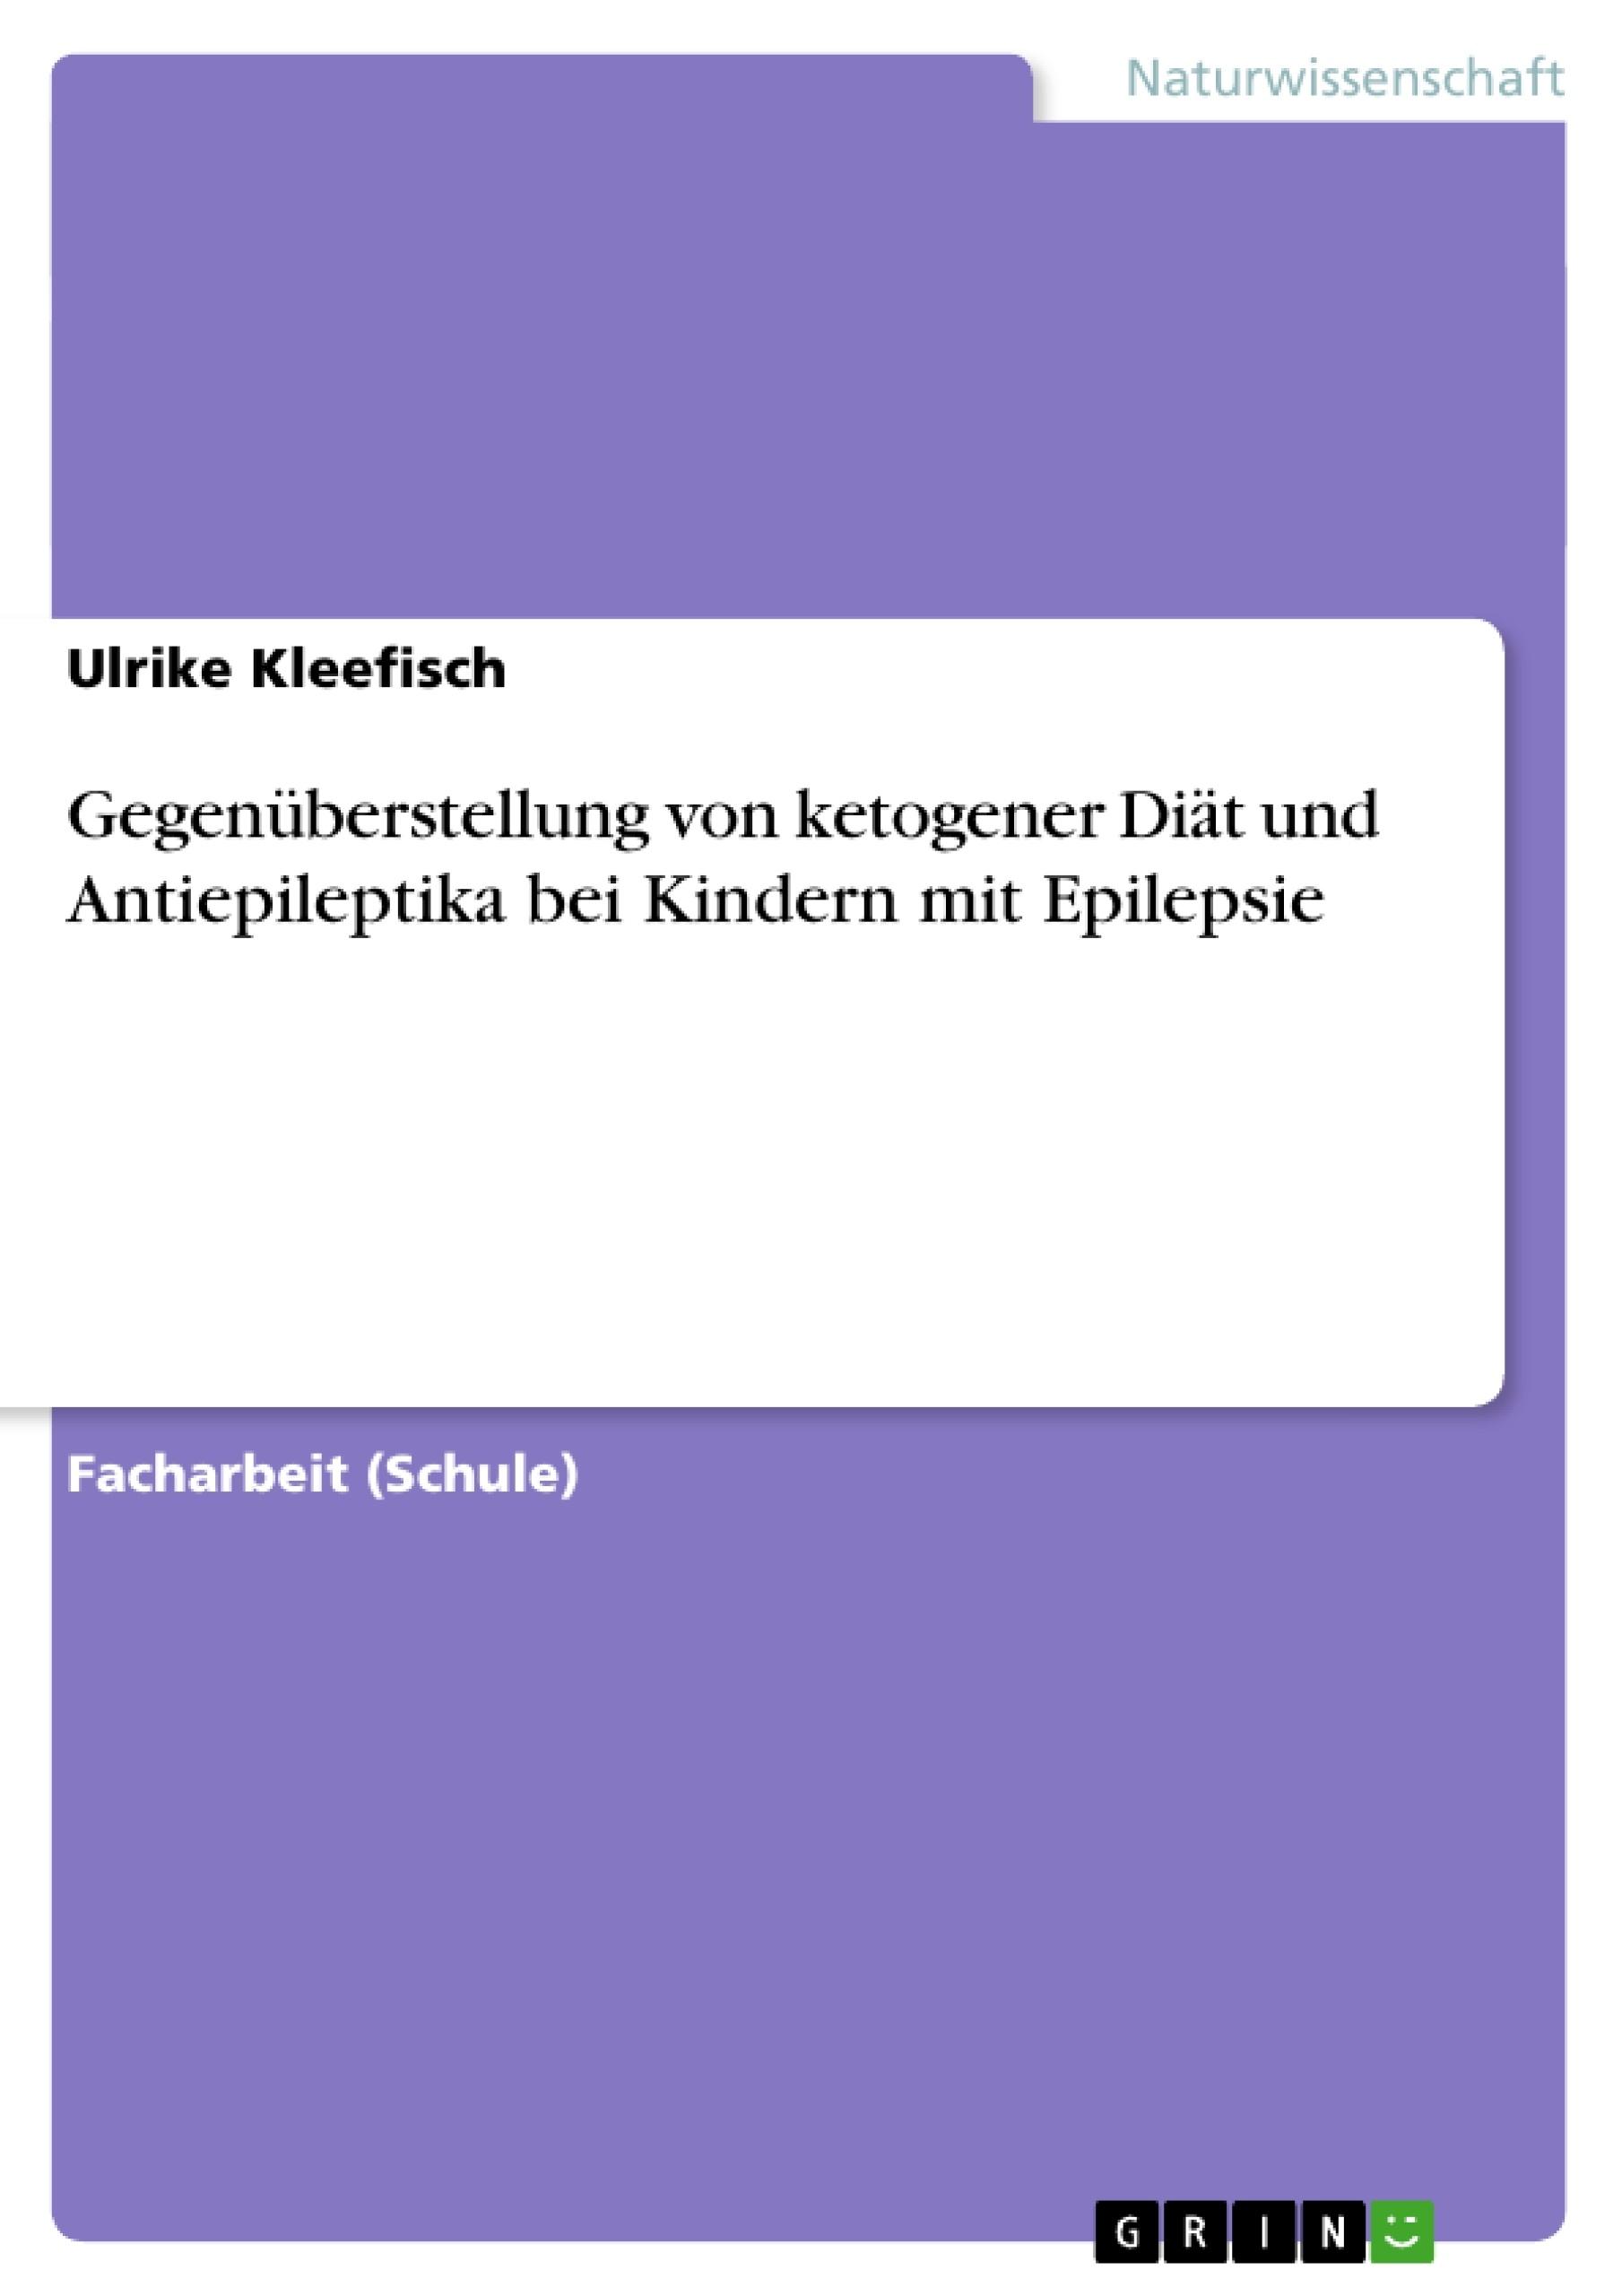 Titel: Gegenüberstellung von ketogener Diät und Antiepileptika bei Kindern mit Epilepsie